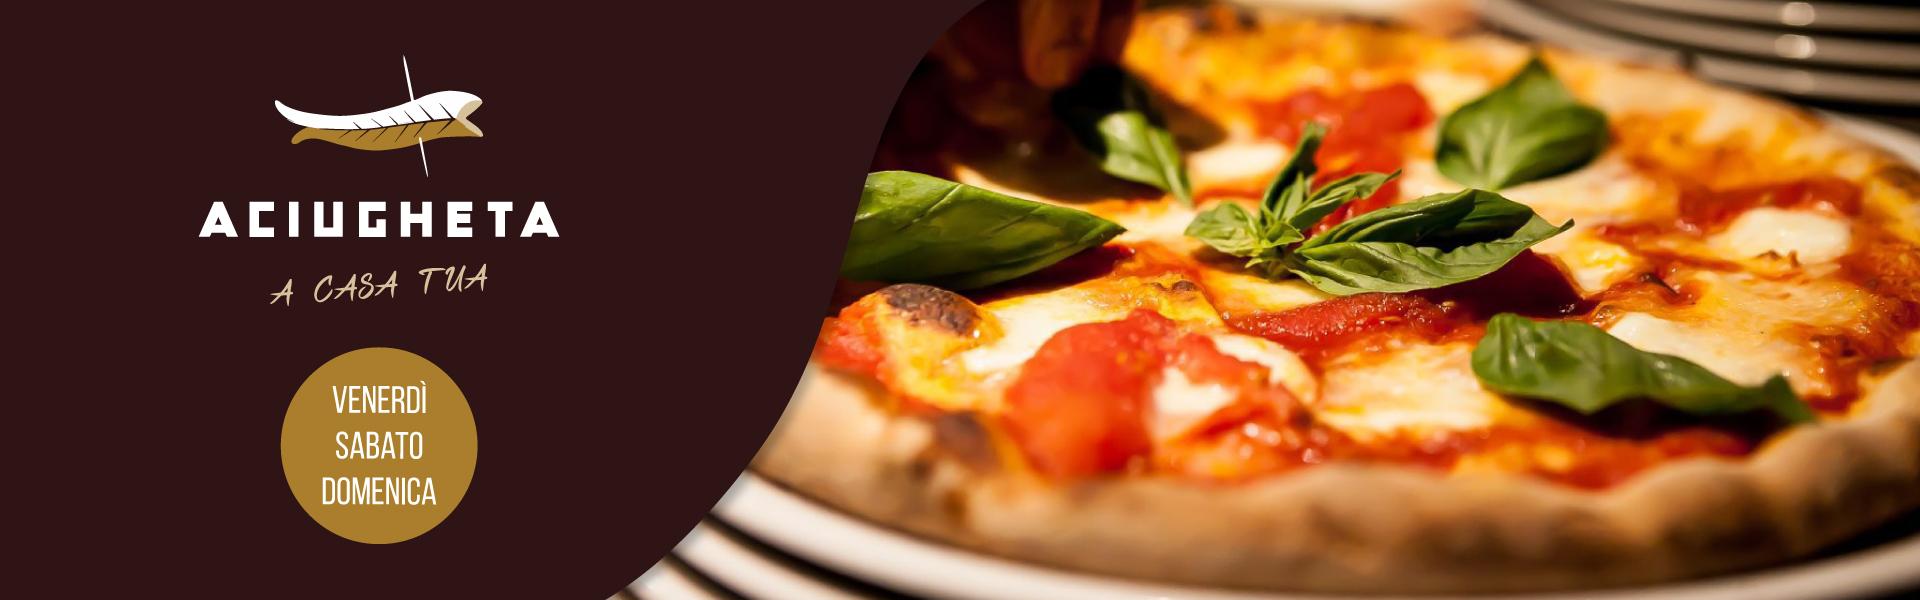 Il Ridotto Venezia - Menu Aciugheta a casa tua venerdì, sabato e domenica